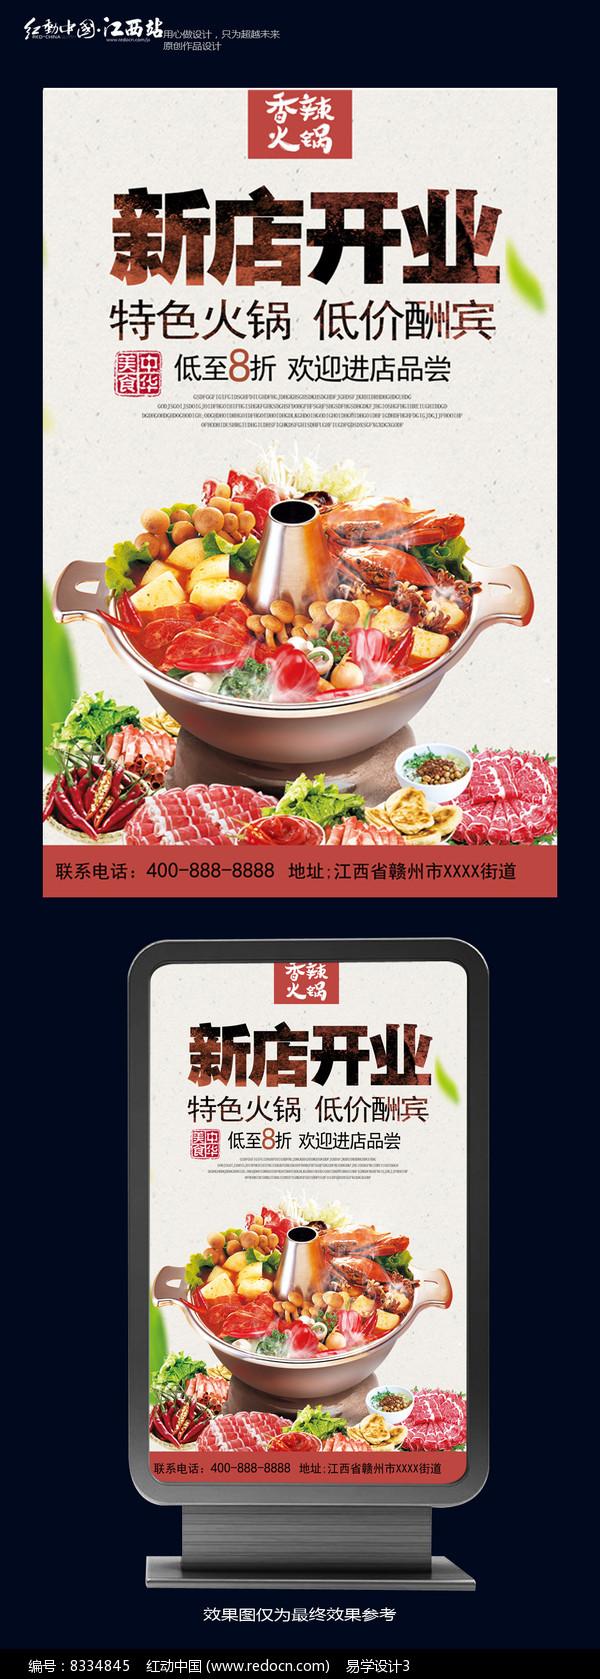 大气火锅店开业宣传设计图片